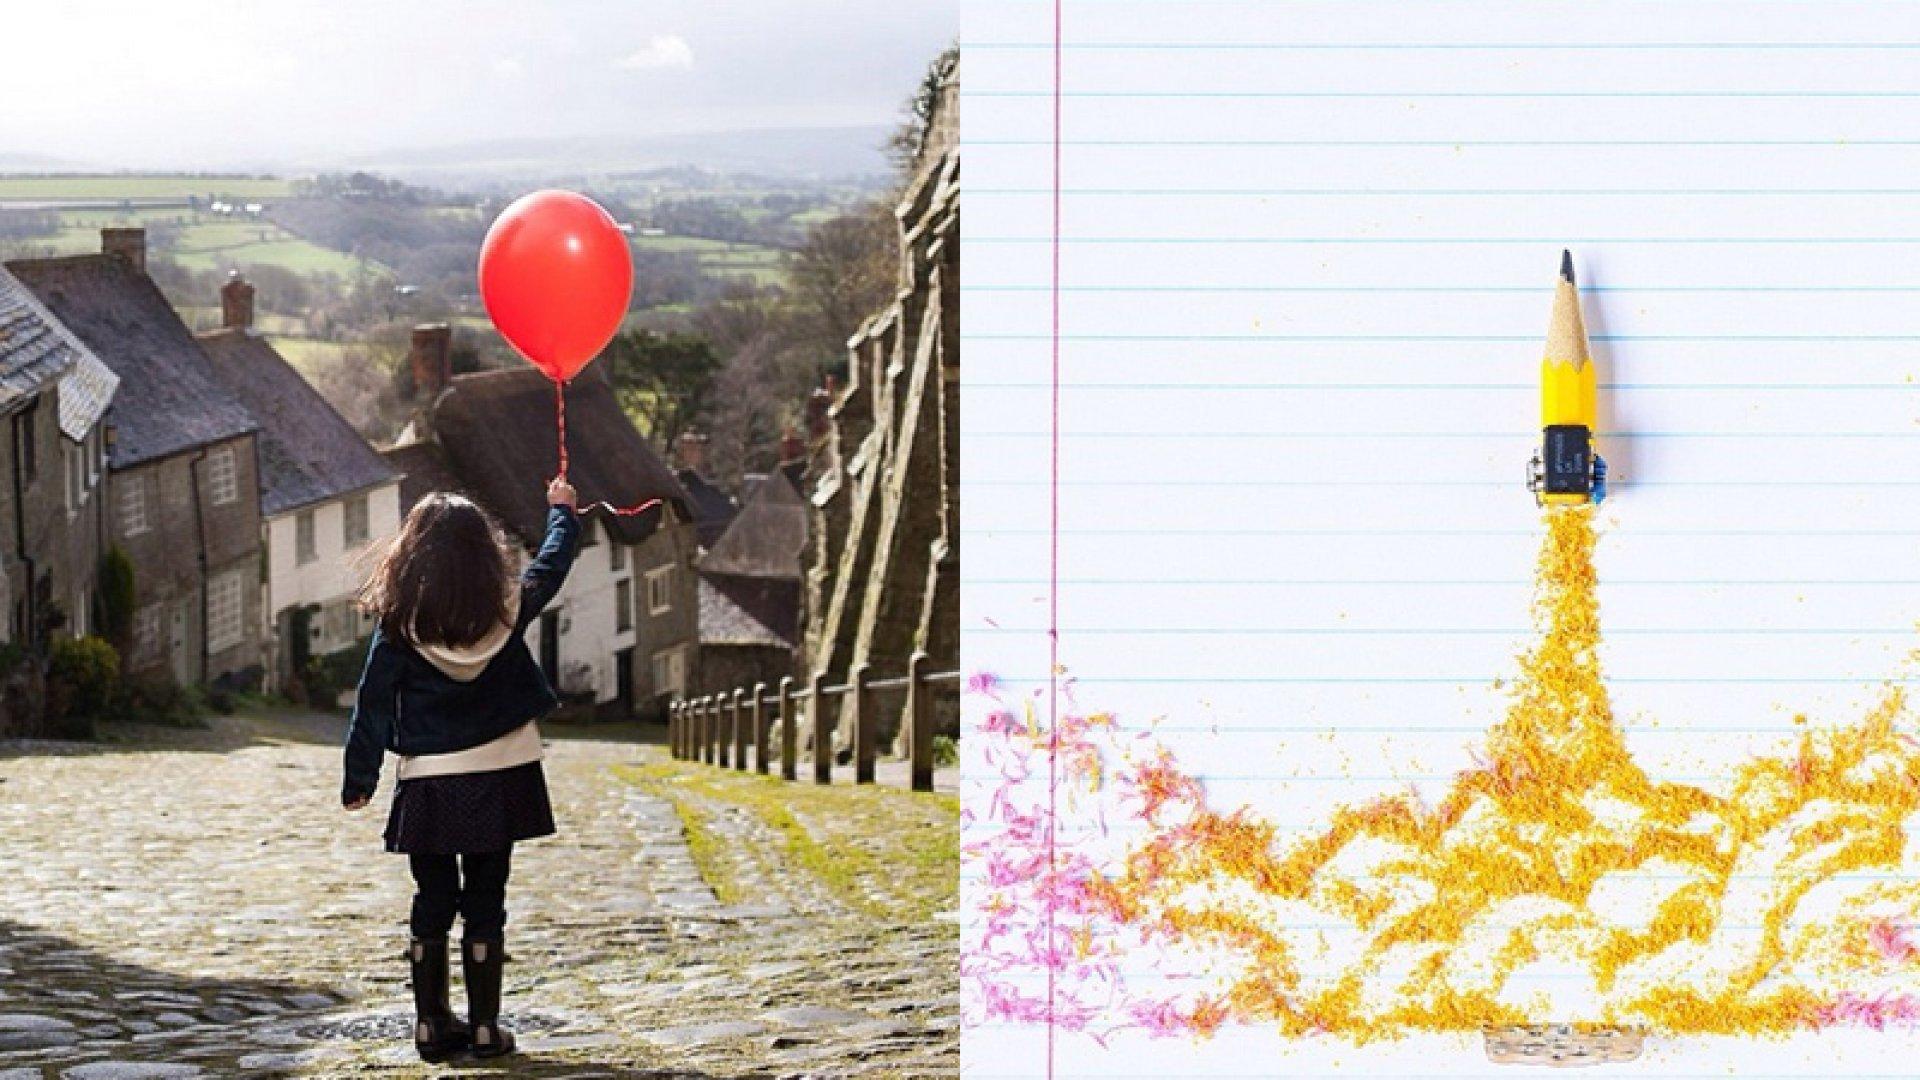 Left: Instagram image by Marte Forsberg for Gap Kids; right: Instagram image by David Schwen for General Electric. <br> <br>